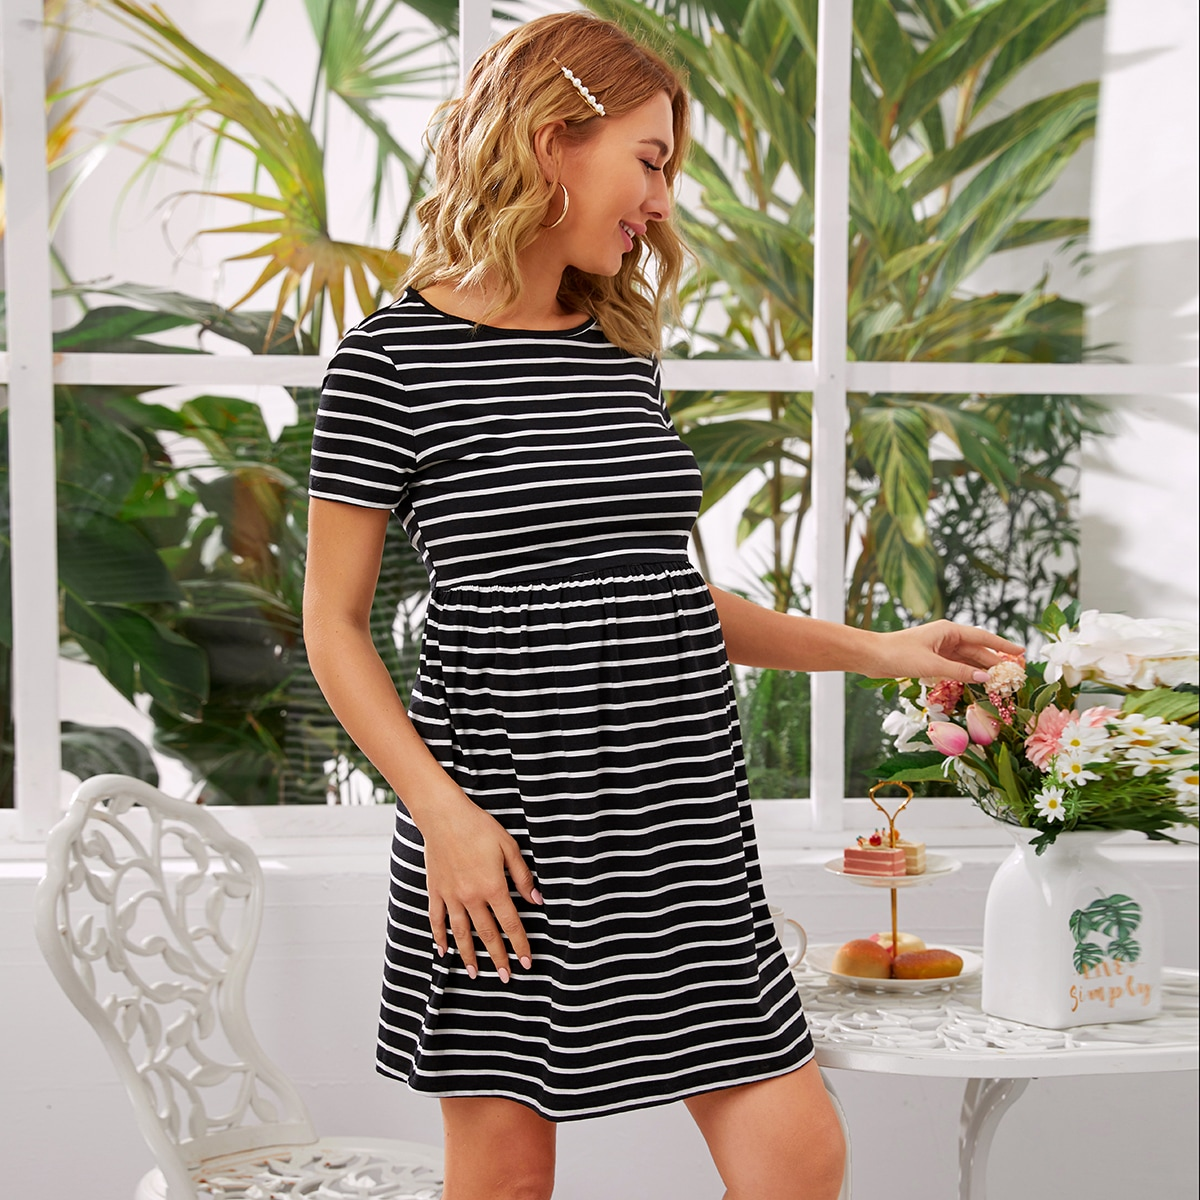 Maternity Платье в полоску с эластичной талией от SHEIN